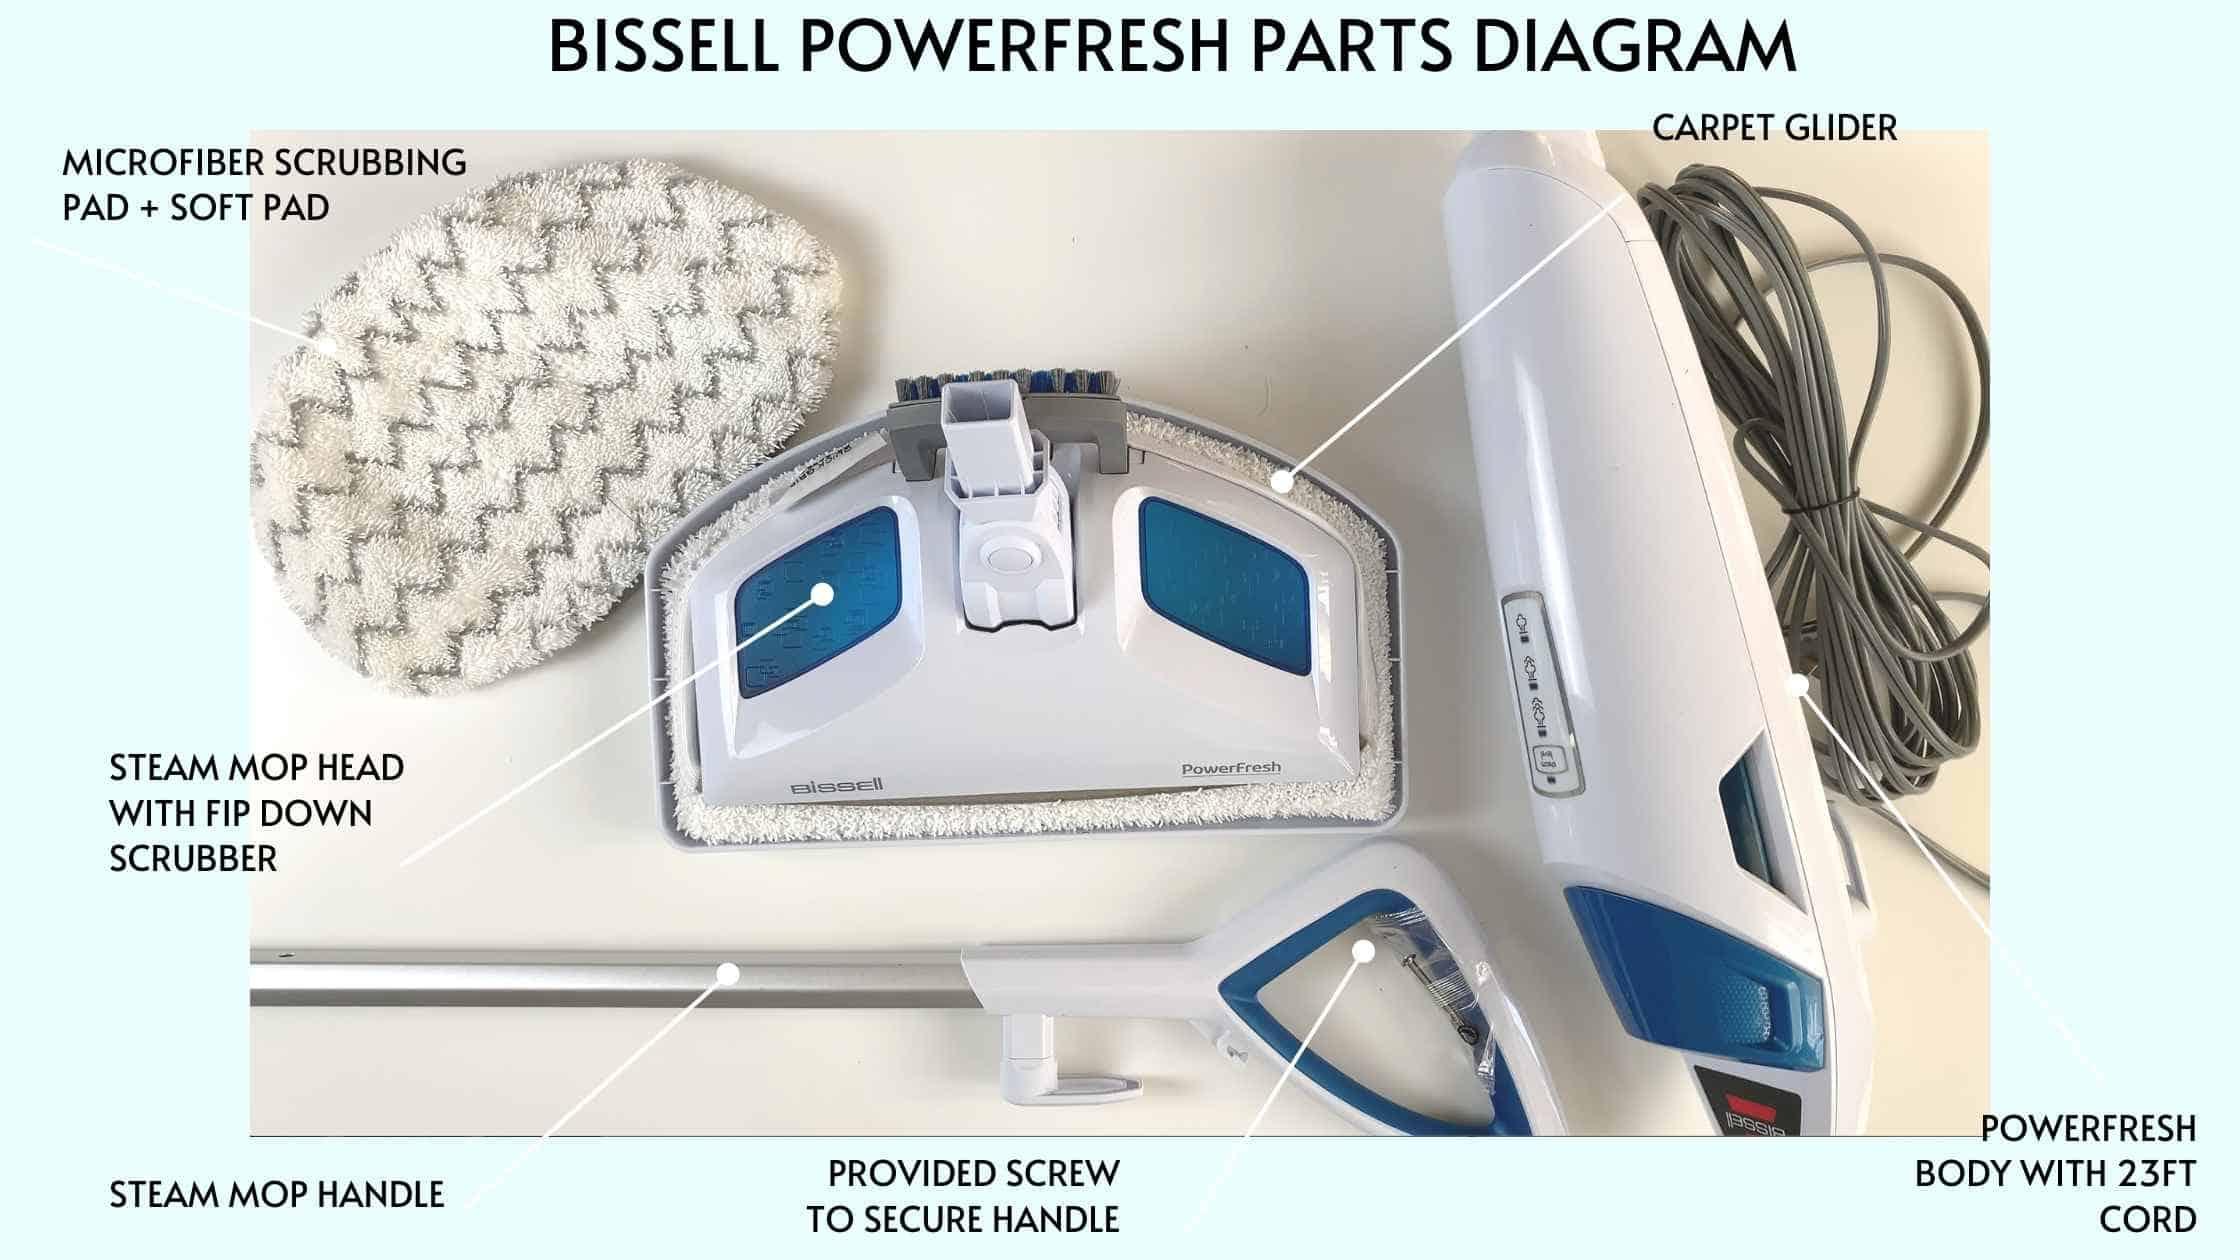 Bissell PowerFresh Steam Mop parts diagram